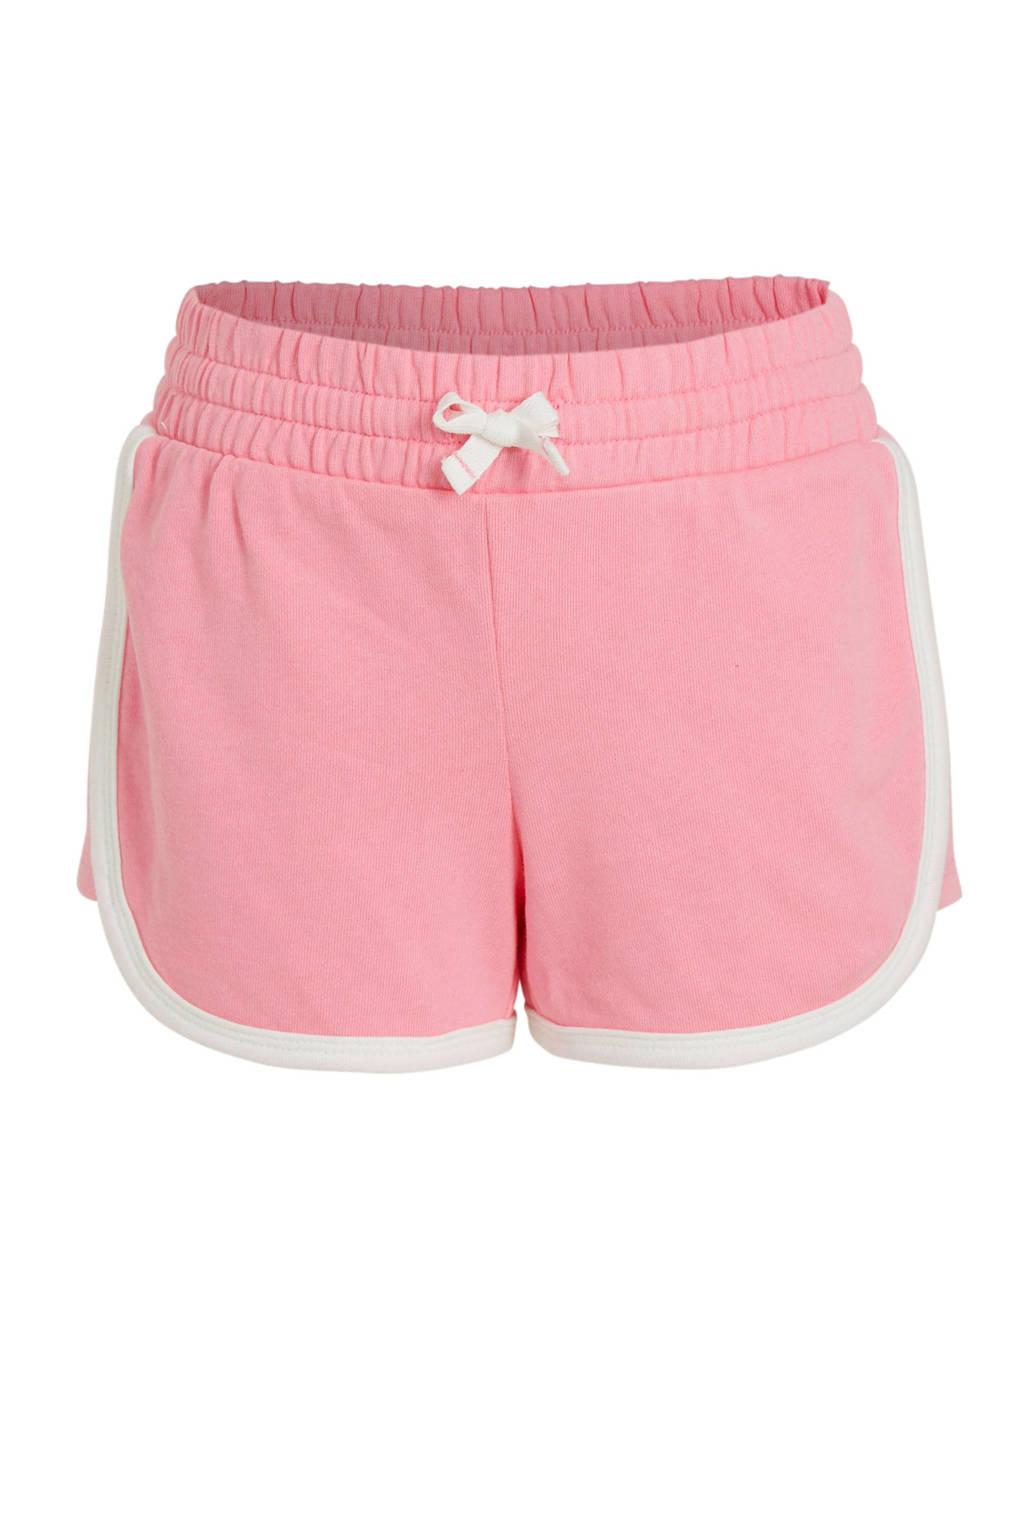 GAP sweatshort roze/wit, Roze/wit